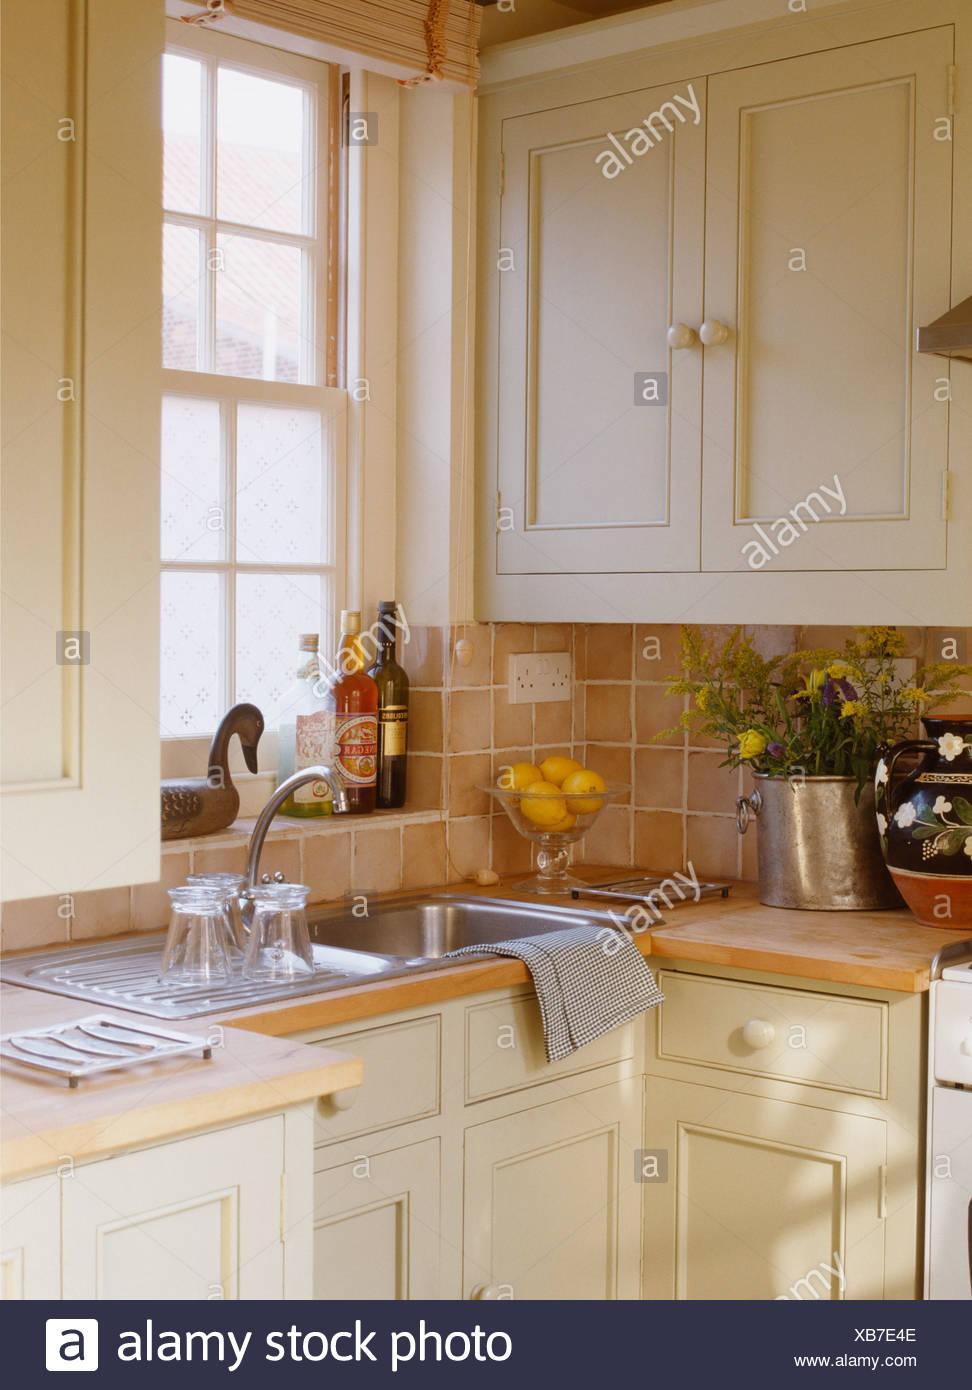 Lavello In Acciaio Inox Finestra Sottostante In Crema Cucina Con